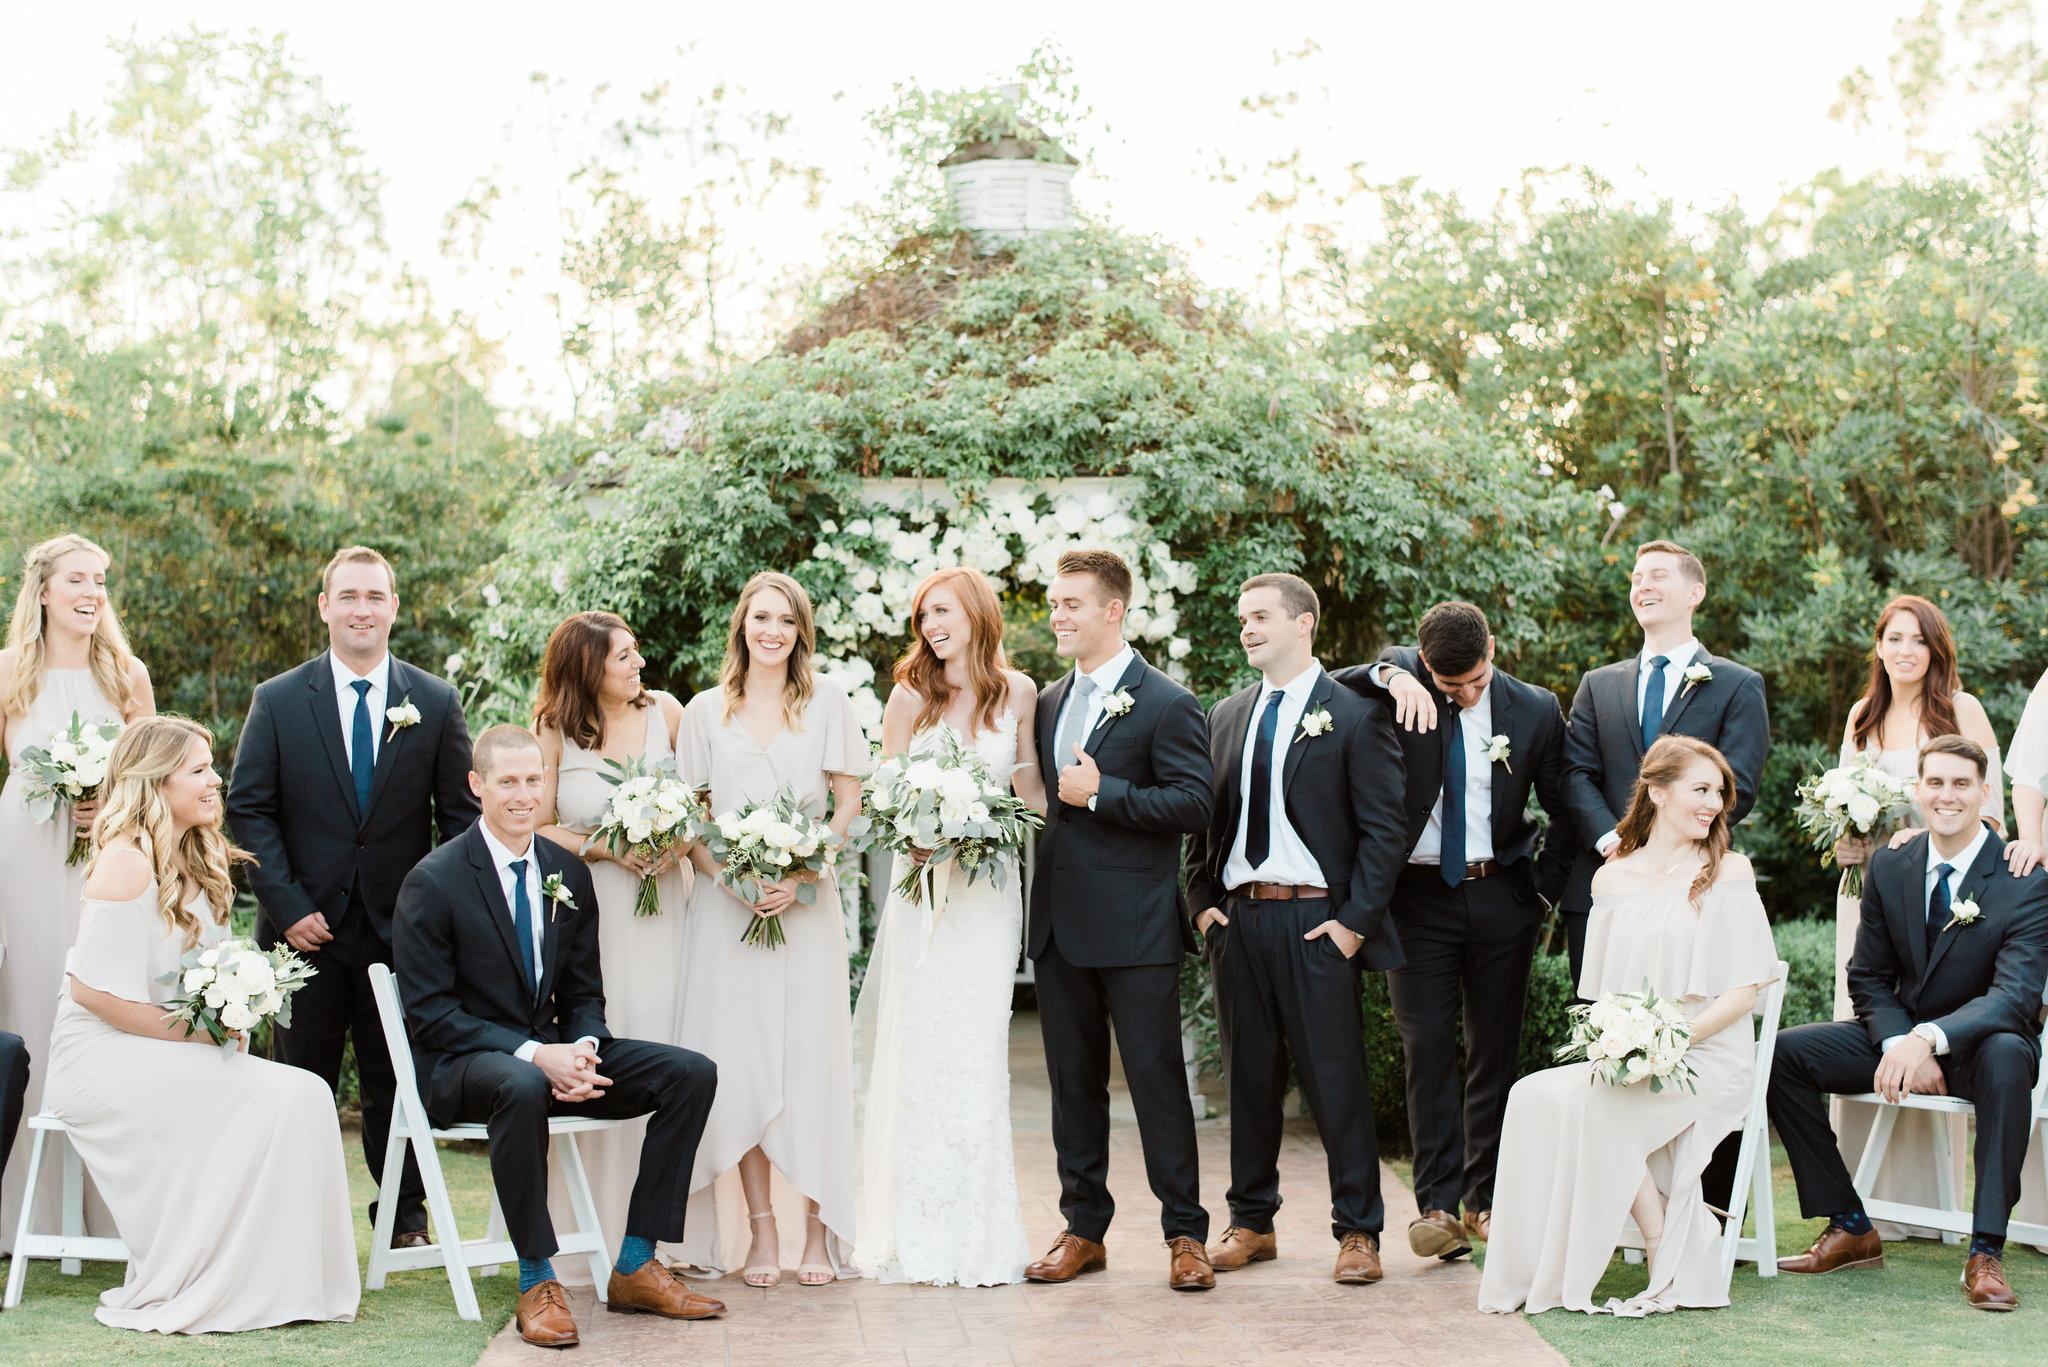 laurenandjake-wedding-1026.jpg